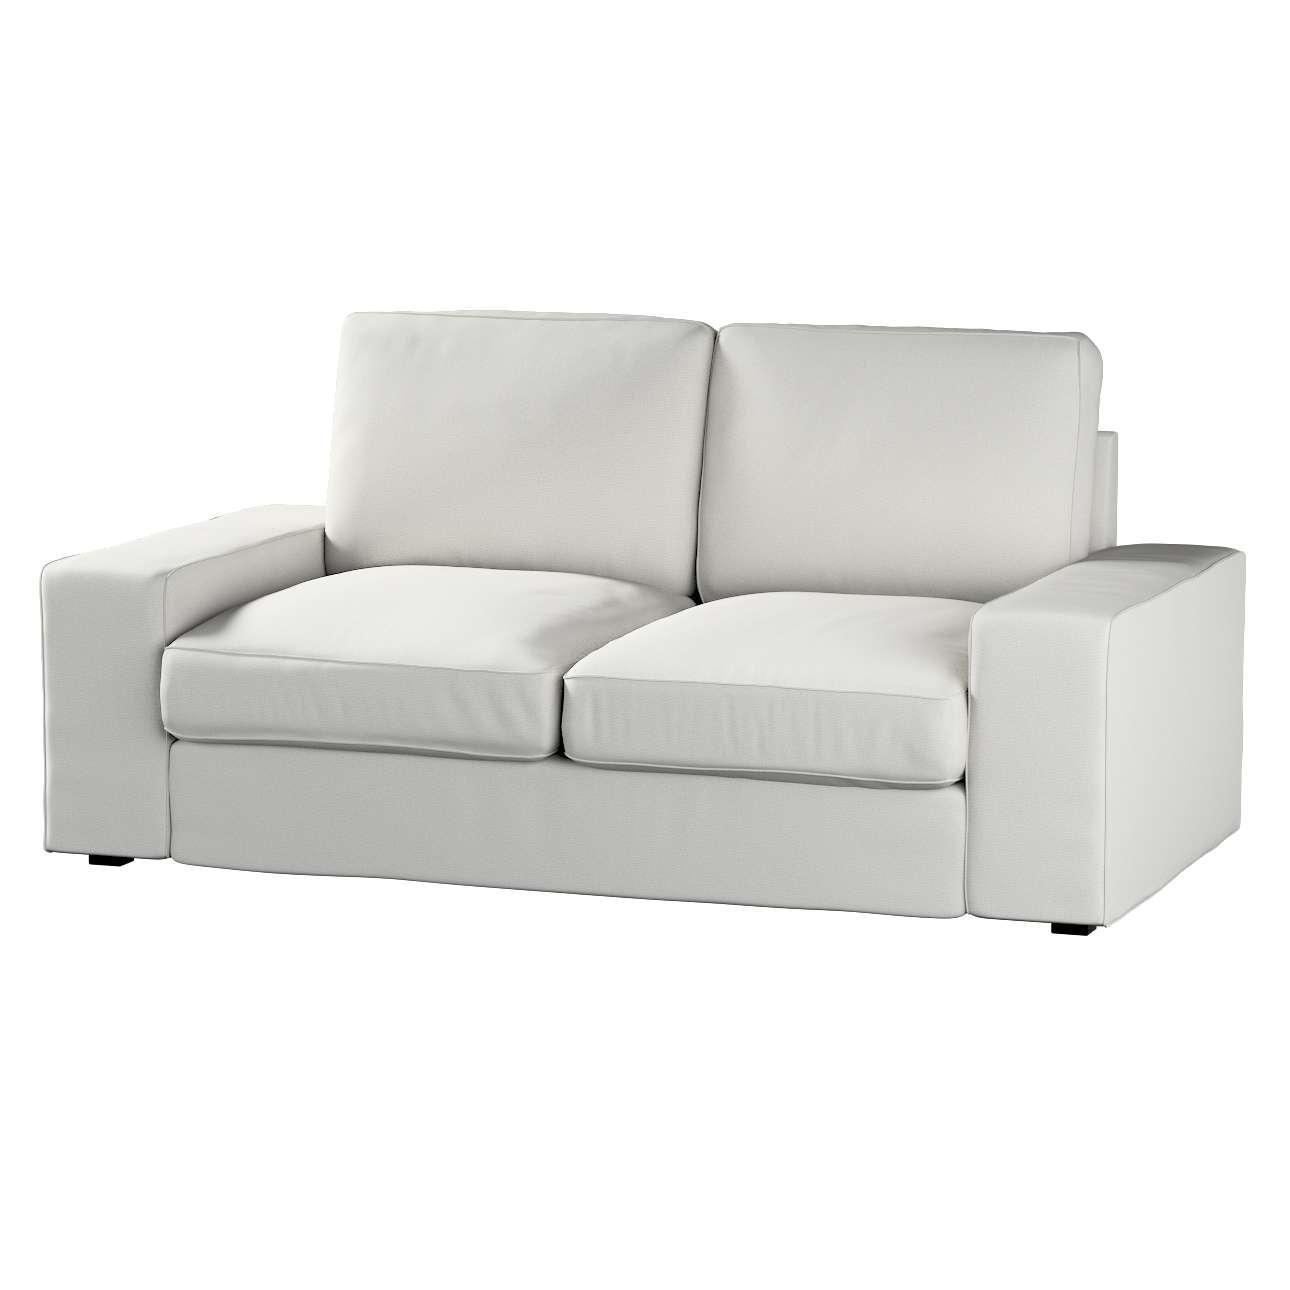 Pokrowiec na sofę Kivik 2-osobową, nierozkładaną Sofa Kivik 2-osobowa w kolekcji Etna , tkanina: 705-90